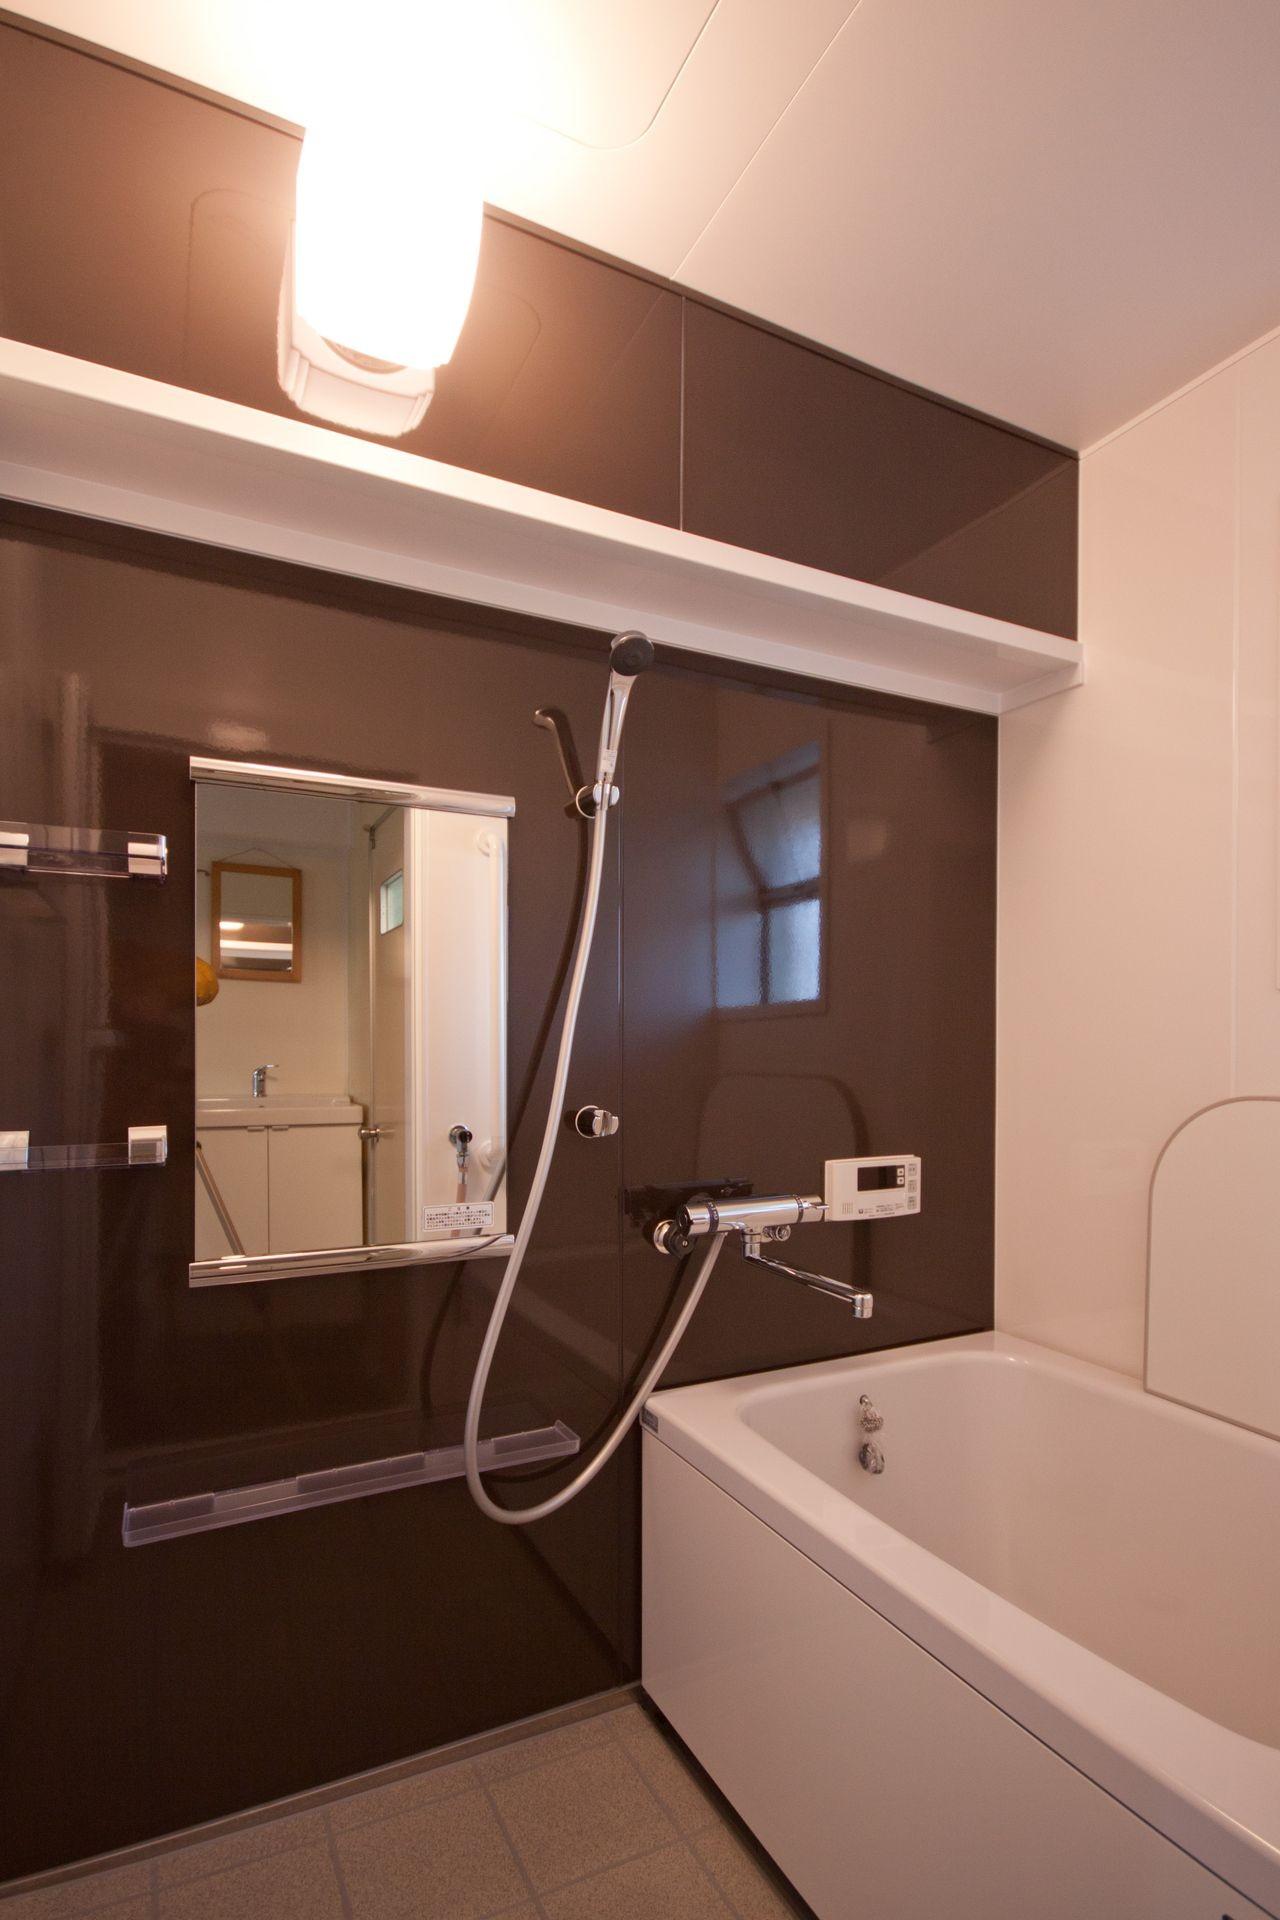 バス/トイレ事例:浴室(東大路高野第三住宅リペア|京都の団地を好みに合わせて団地らしく仕立て直す)